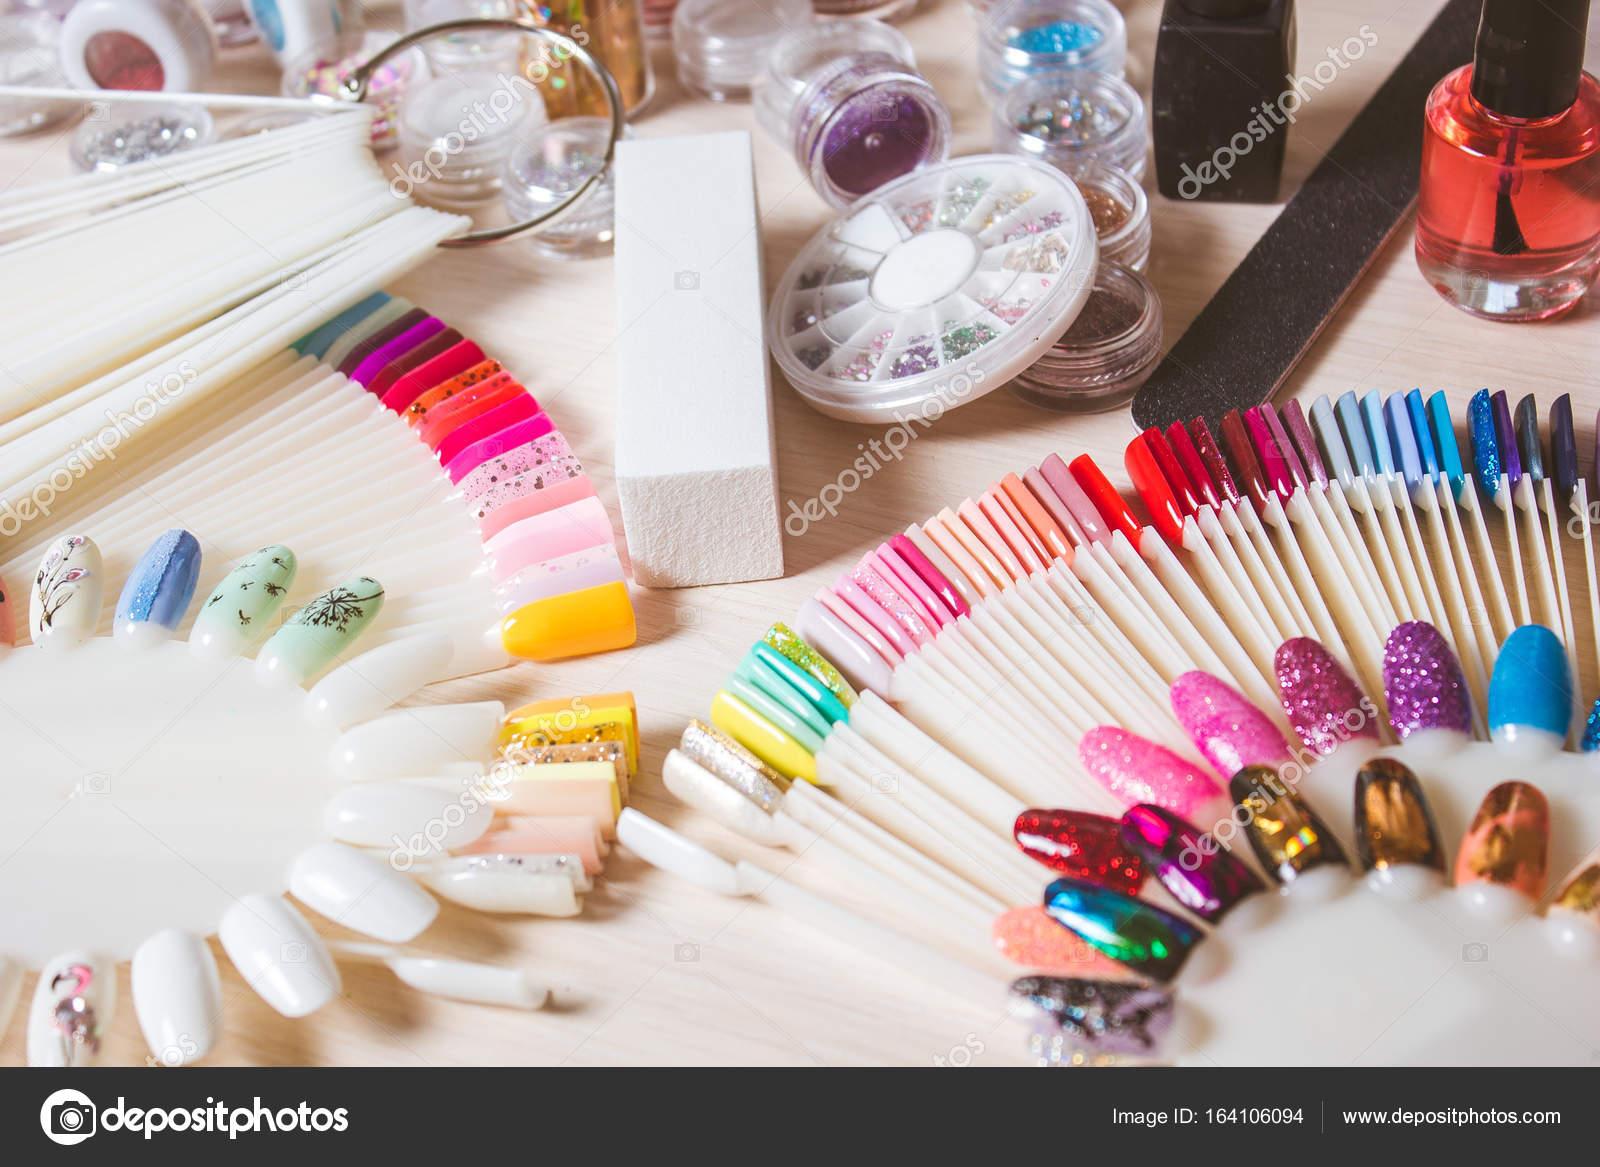 Decoratie voor nagel ontwerp ingesteld op bureau u2014 stockfoto